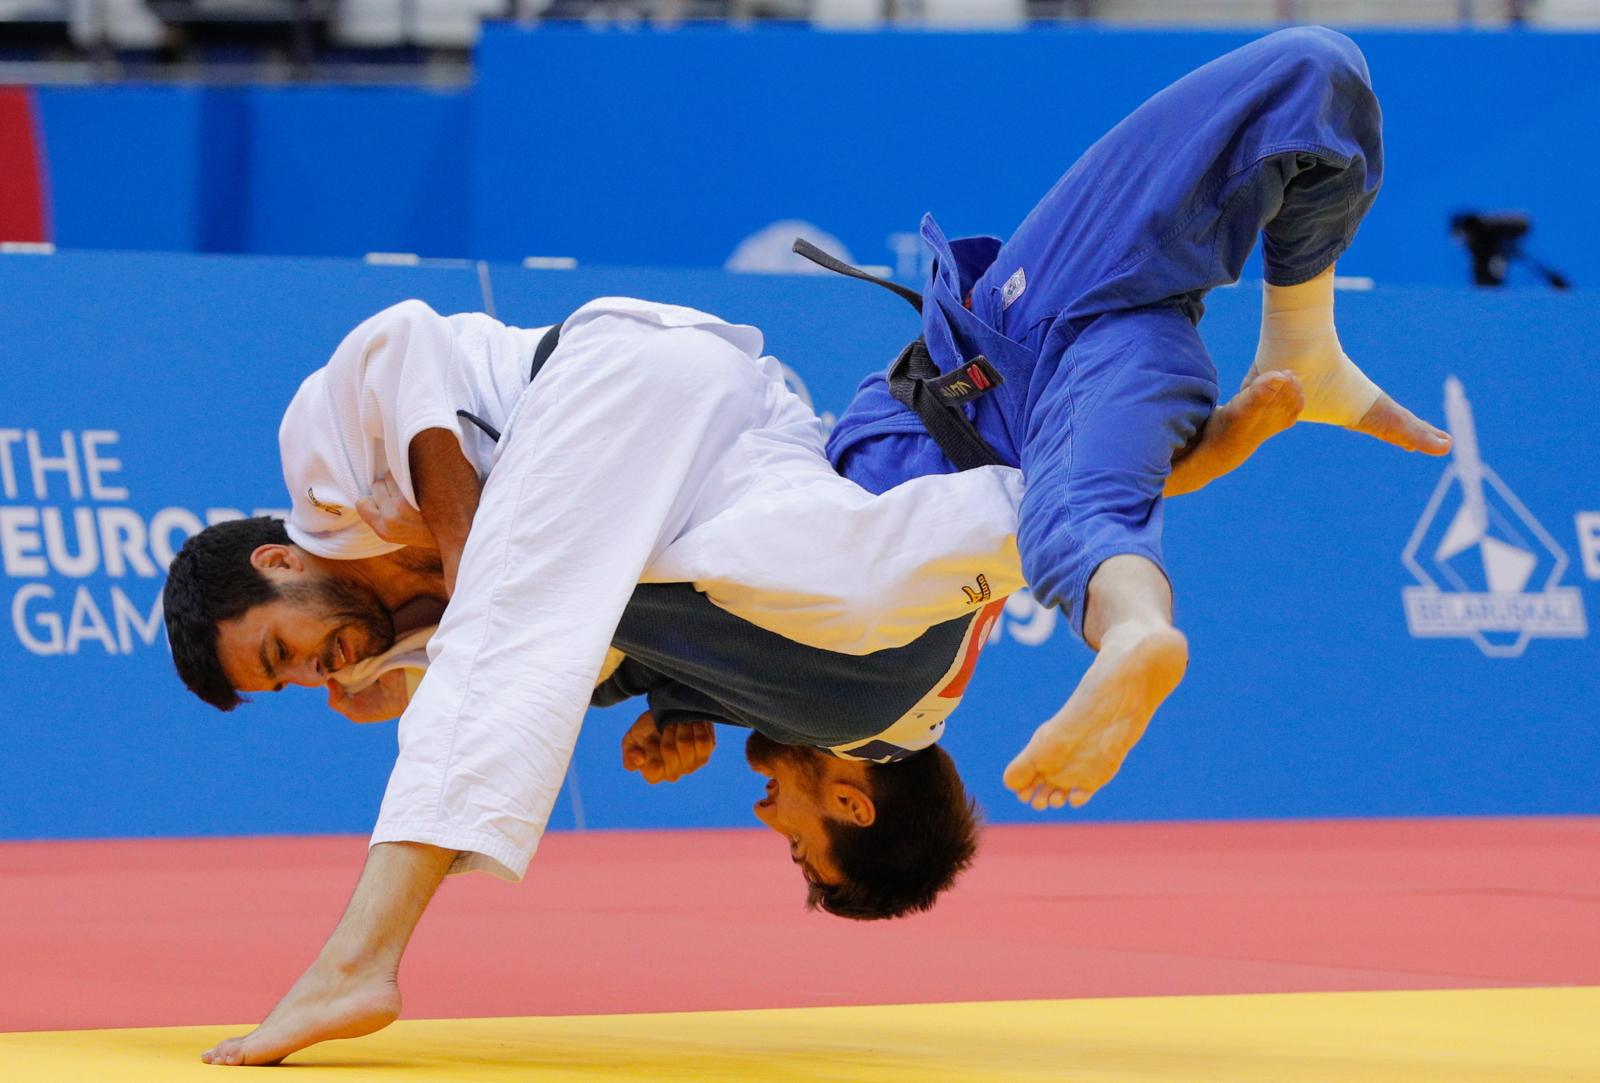 Zawody Judo w trakcie Europejskich Igrzysk w Mińsku. Fot. PAP/EPA/SERGEY DOLZHENKO